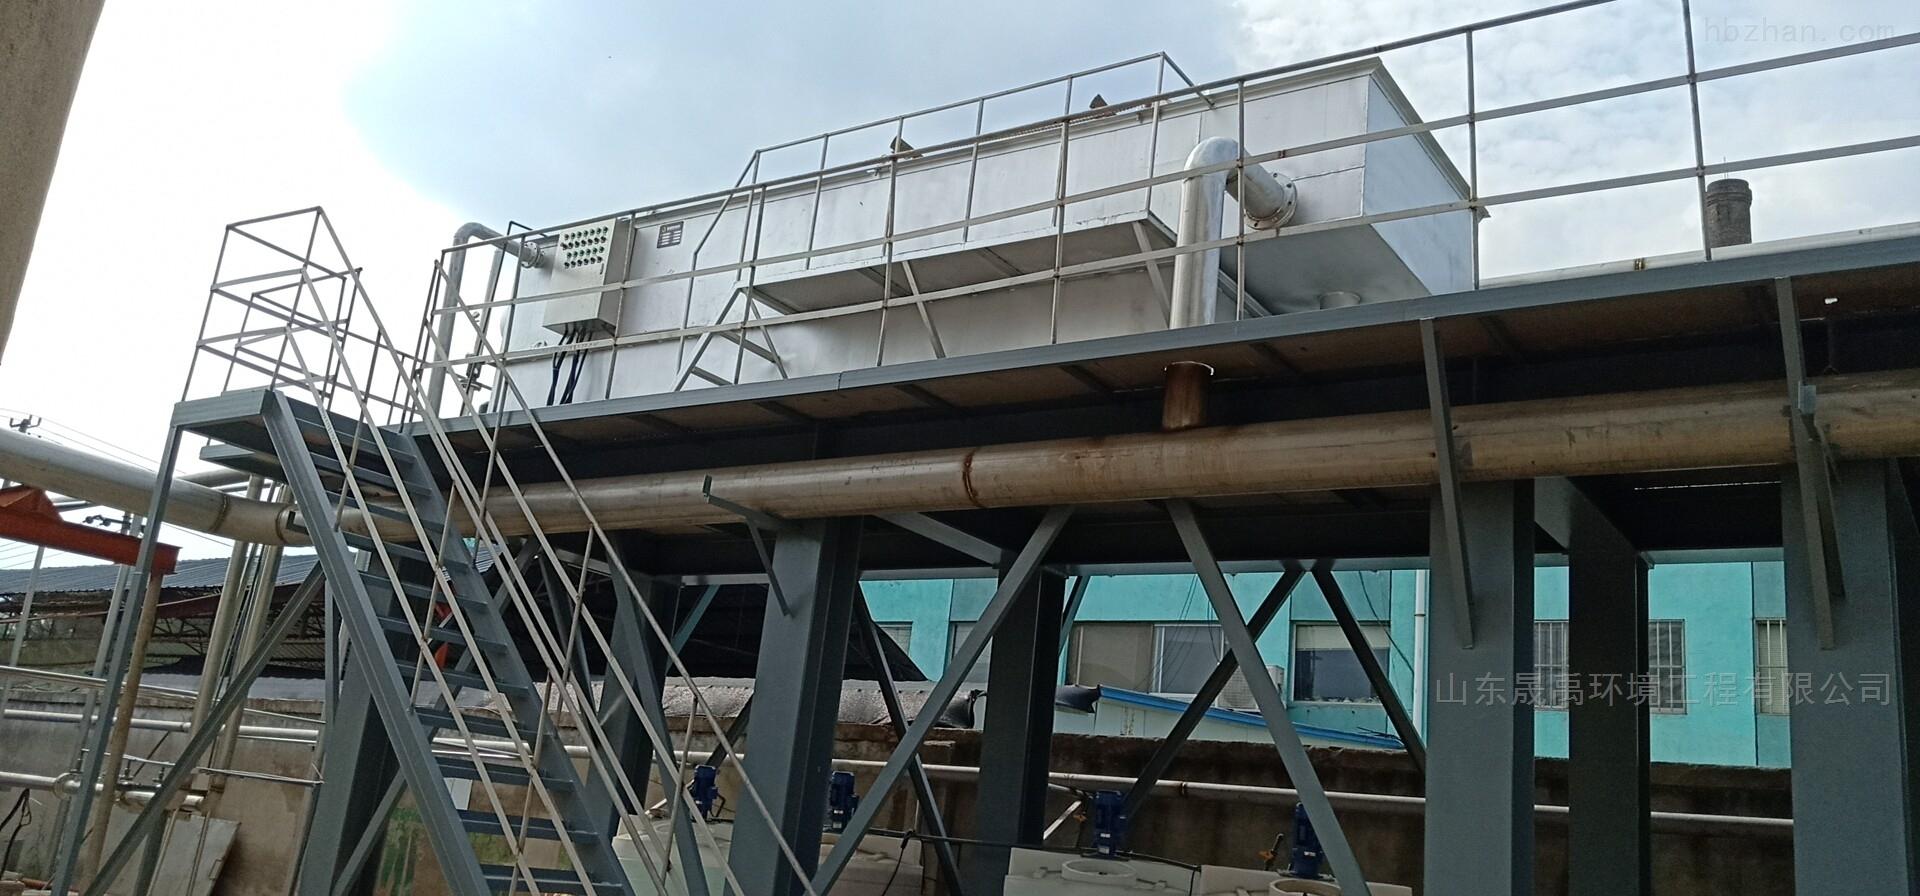 黑龙江 气浮机的调试步骤视频 性能优良